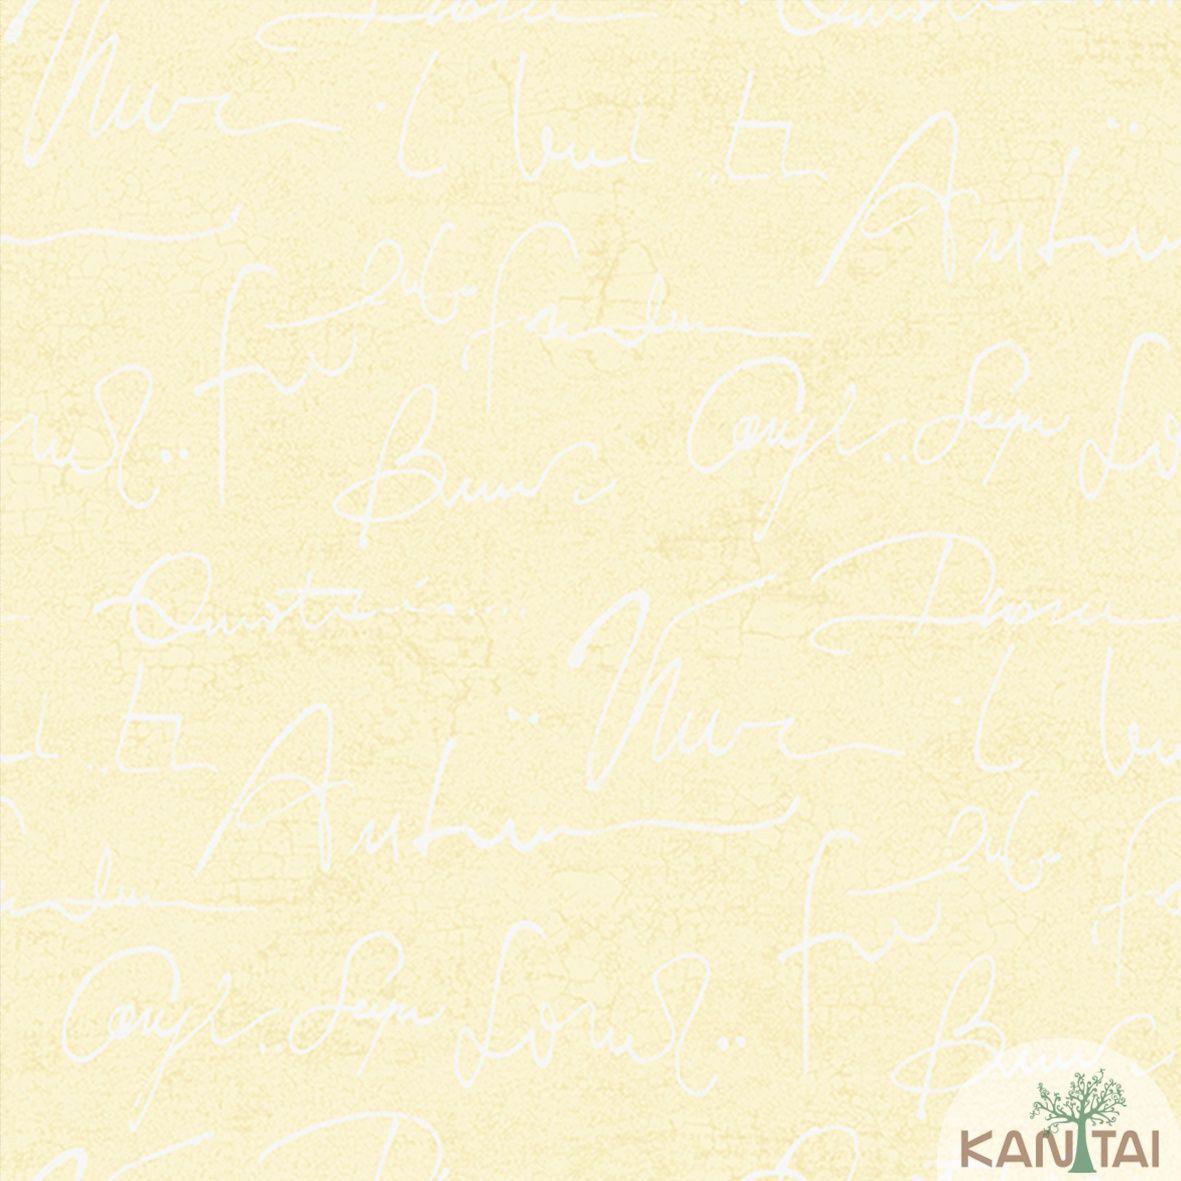 Papel de Parede Importado  Kan Tai  TNT Coleção Davinci II Tipografia Bege, Marfim